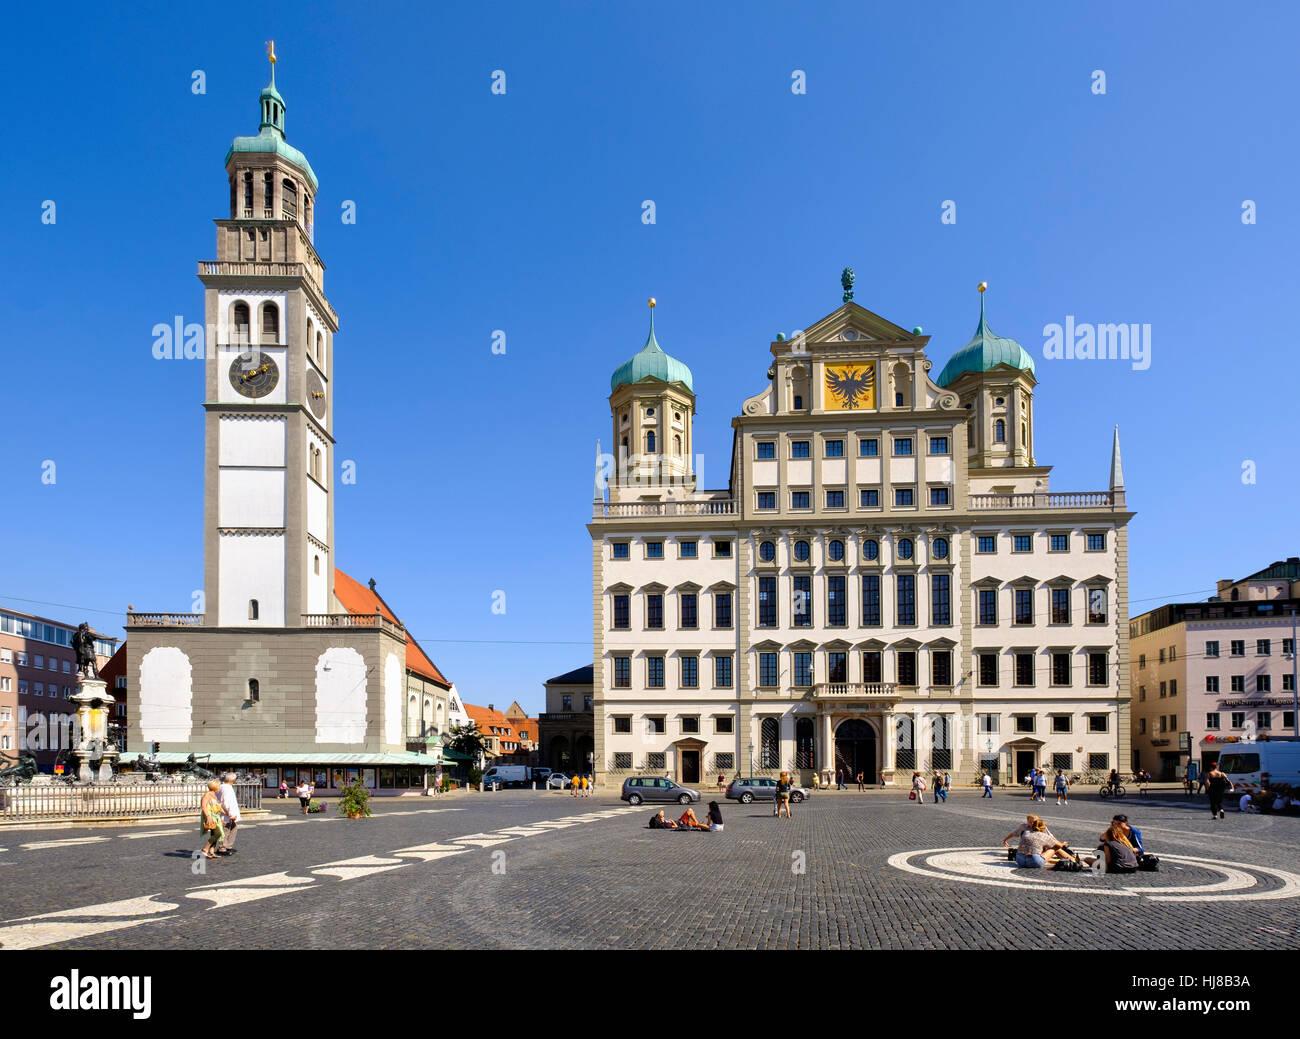 Perlachturm und das Rathaus am Hauptplatz, Augsburg, Schwaben, Bayern, Deutschland Stockbild